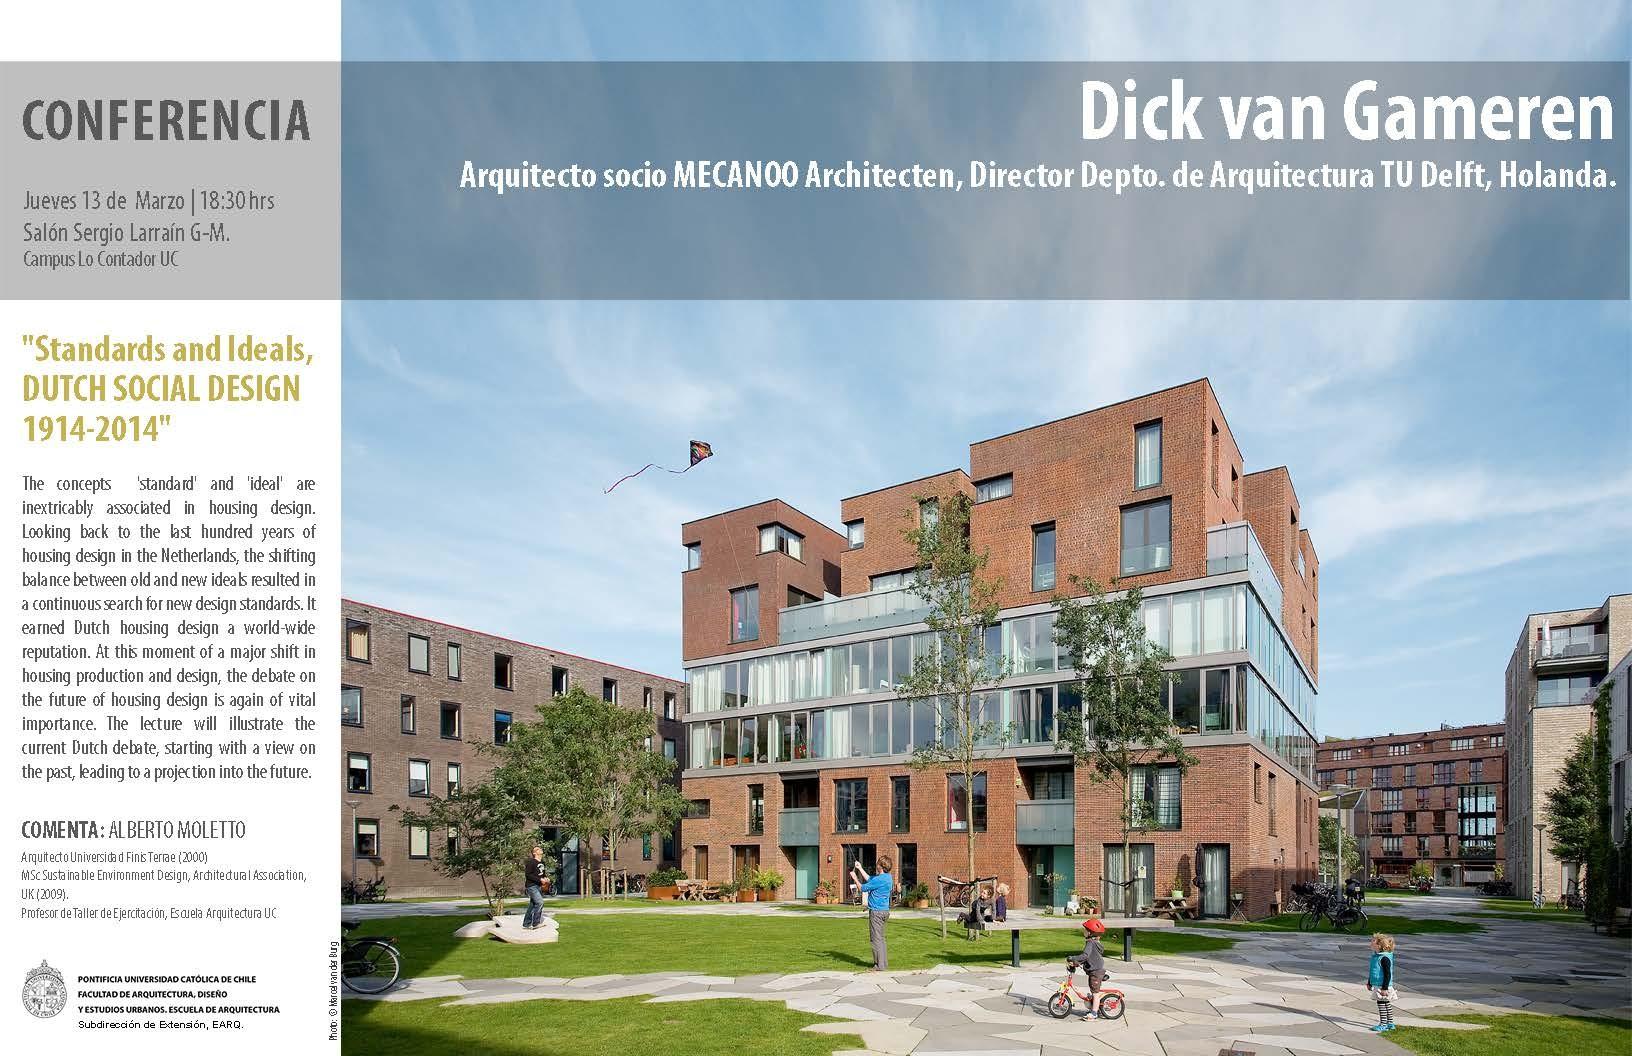 Conferencia Dick Van Gameren en Chile, Arquitecto socio MECANOO Architecten, Courtesy of Facultad de Arquitectura, Diseño y Estudios Urbanos UC